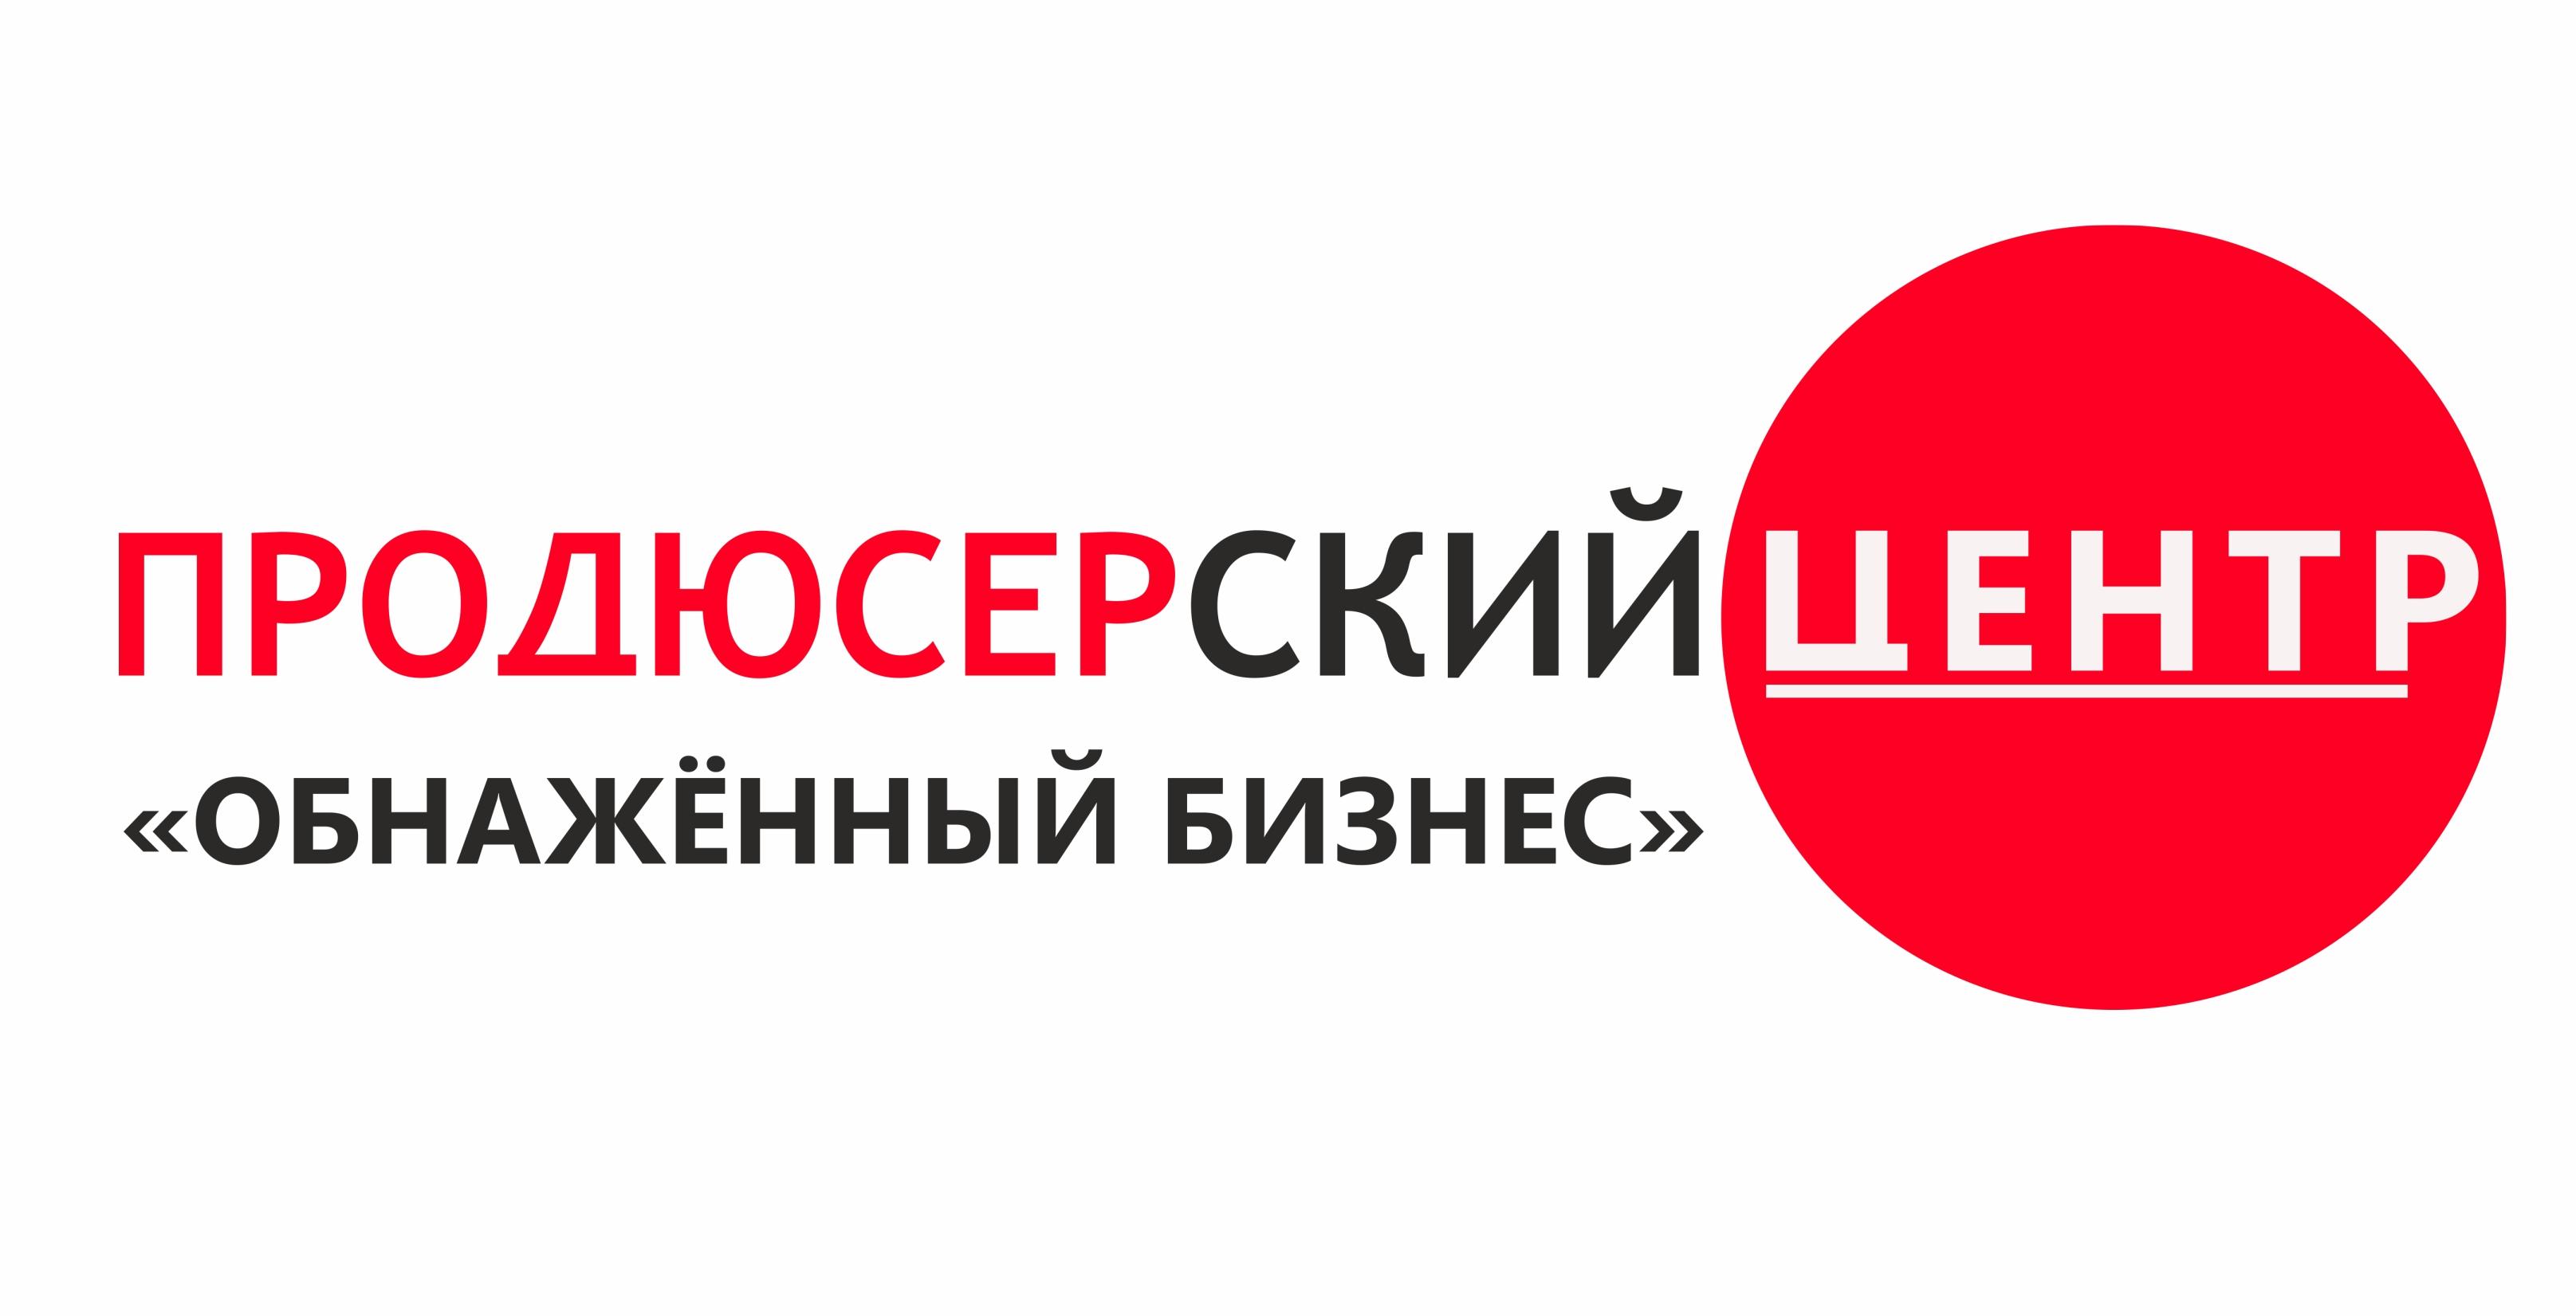 """Логотип для продюсерского центра """"Обнажённый бизнес"""" фото f_4255b9bda9042316.jpg"""